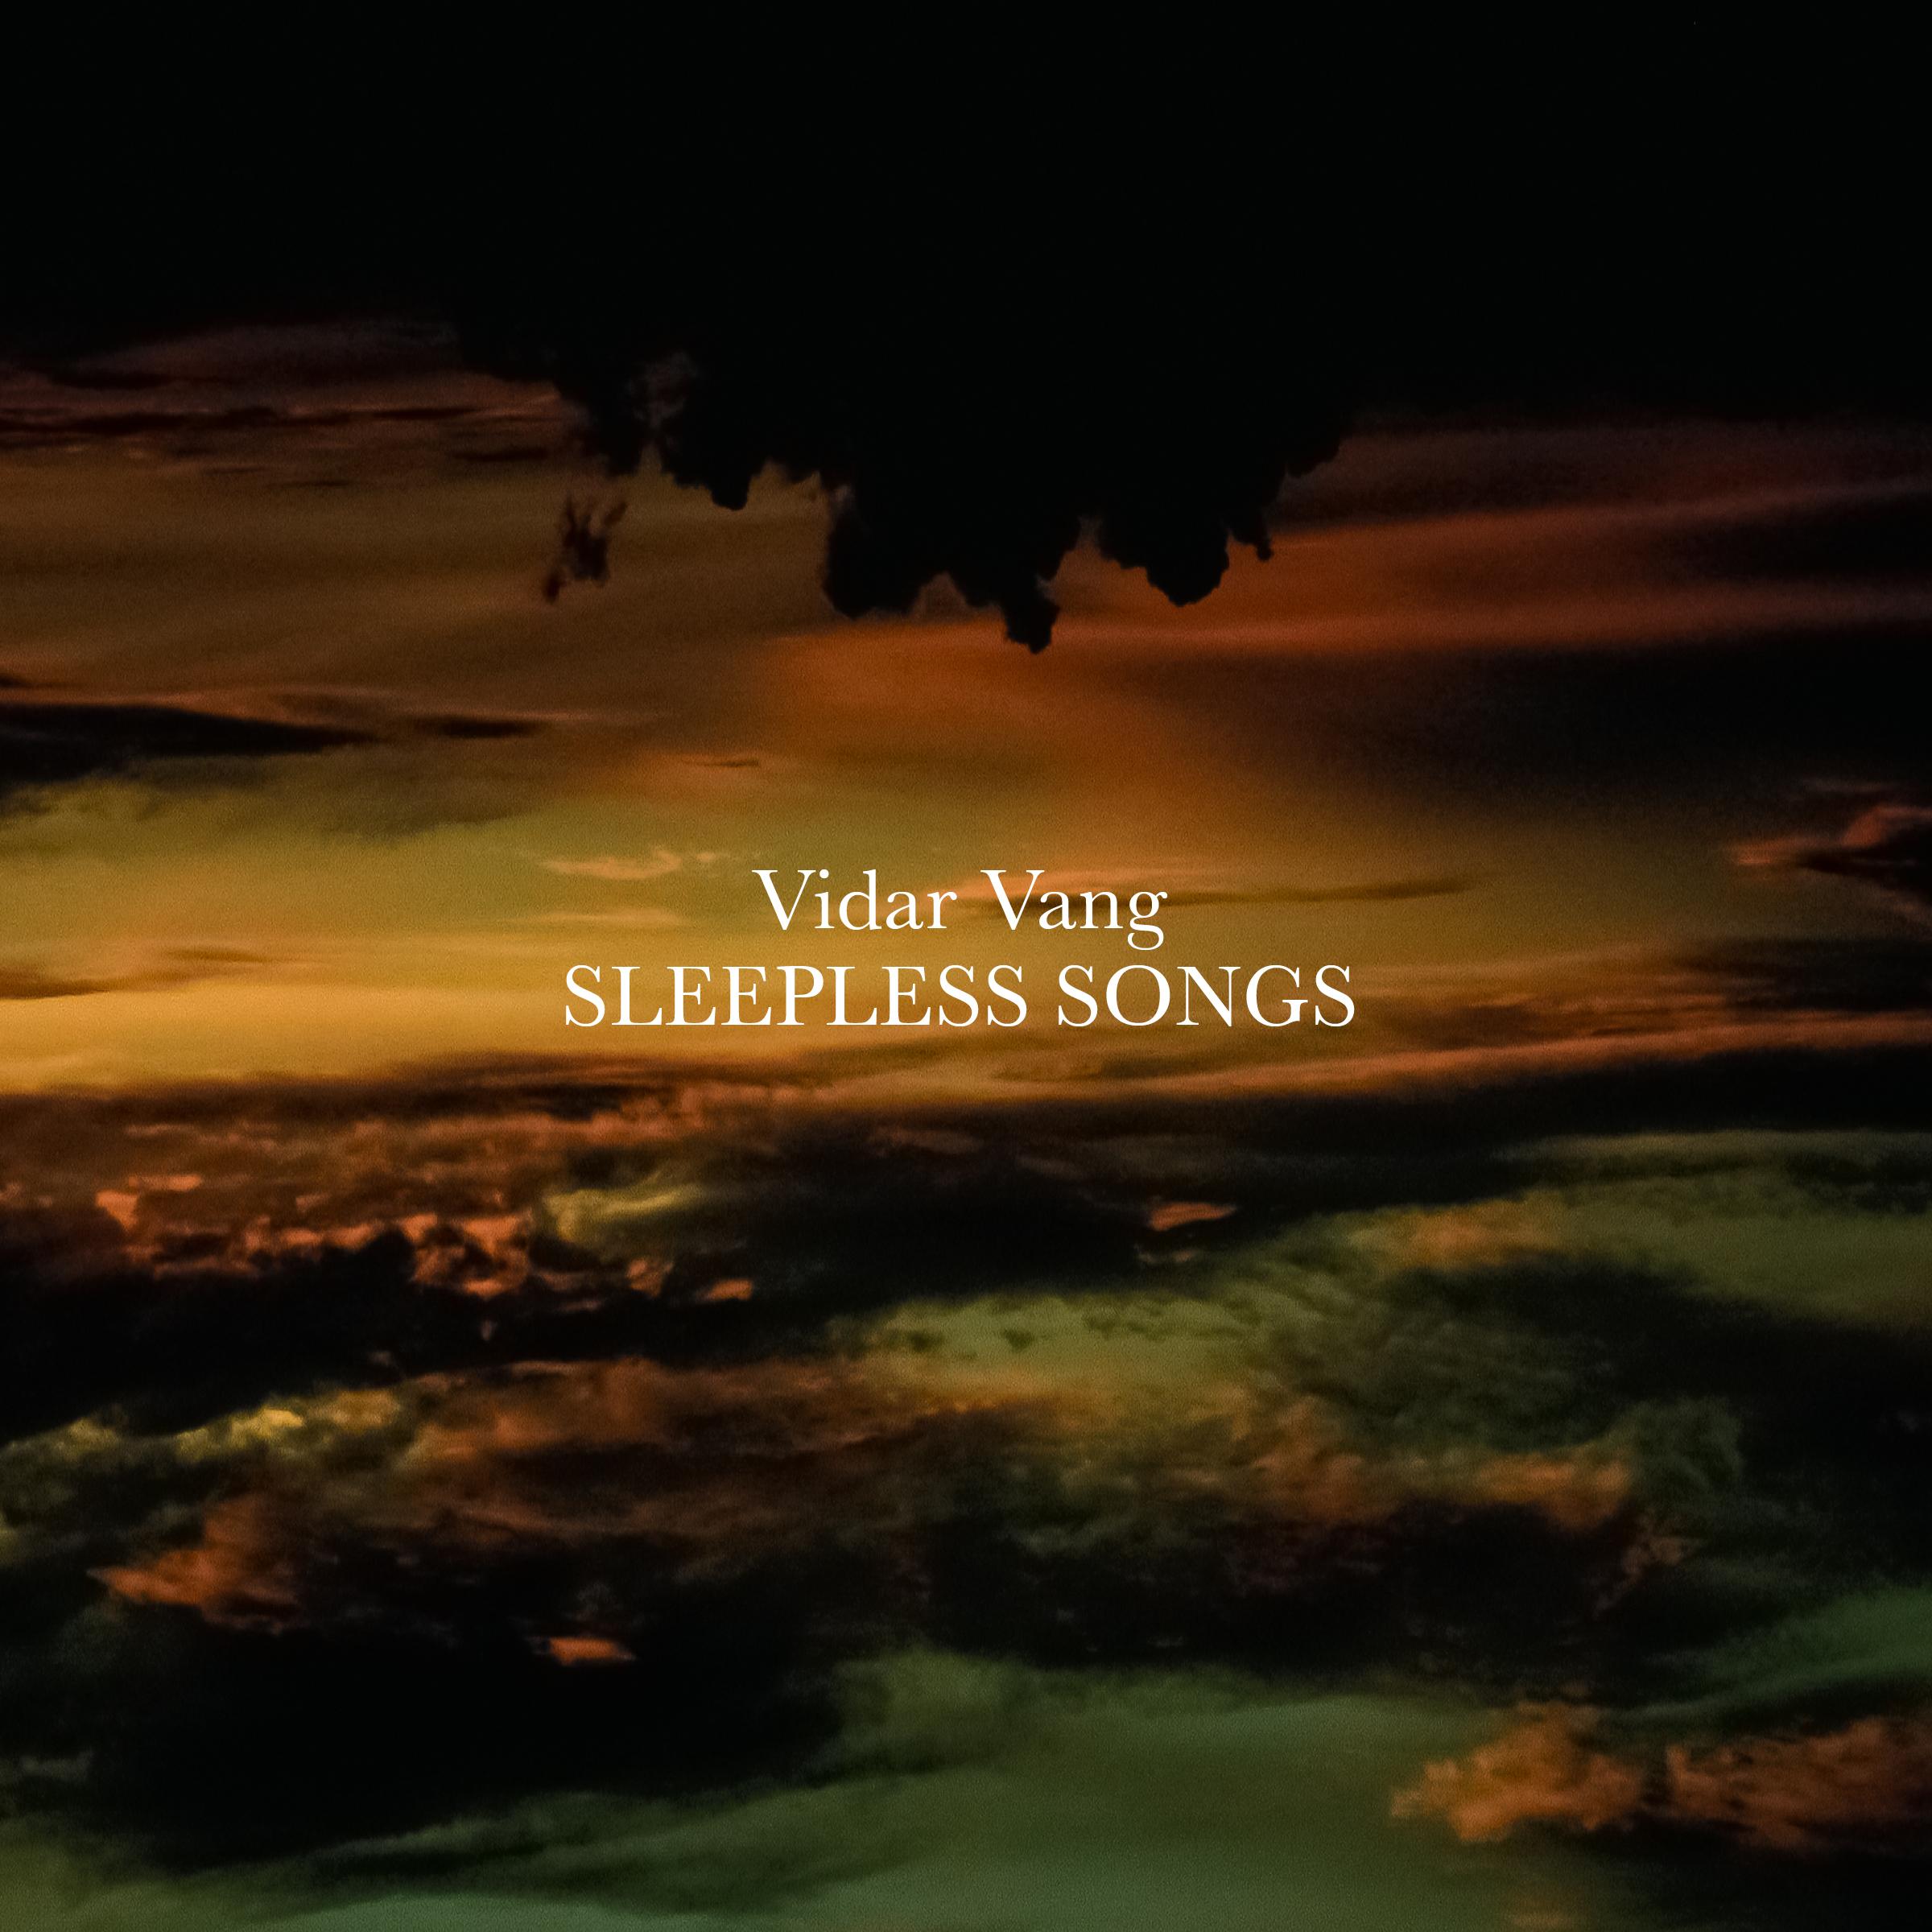 Front_Vidar Vang_Sleepless Songs.jpg